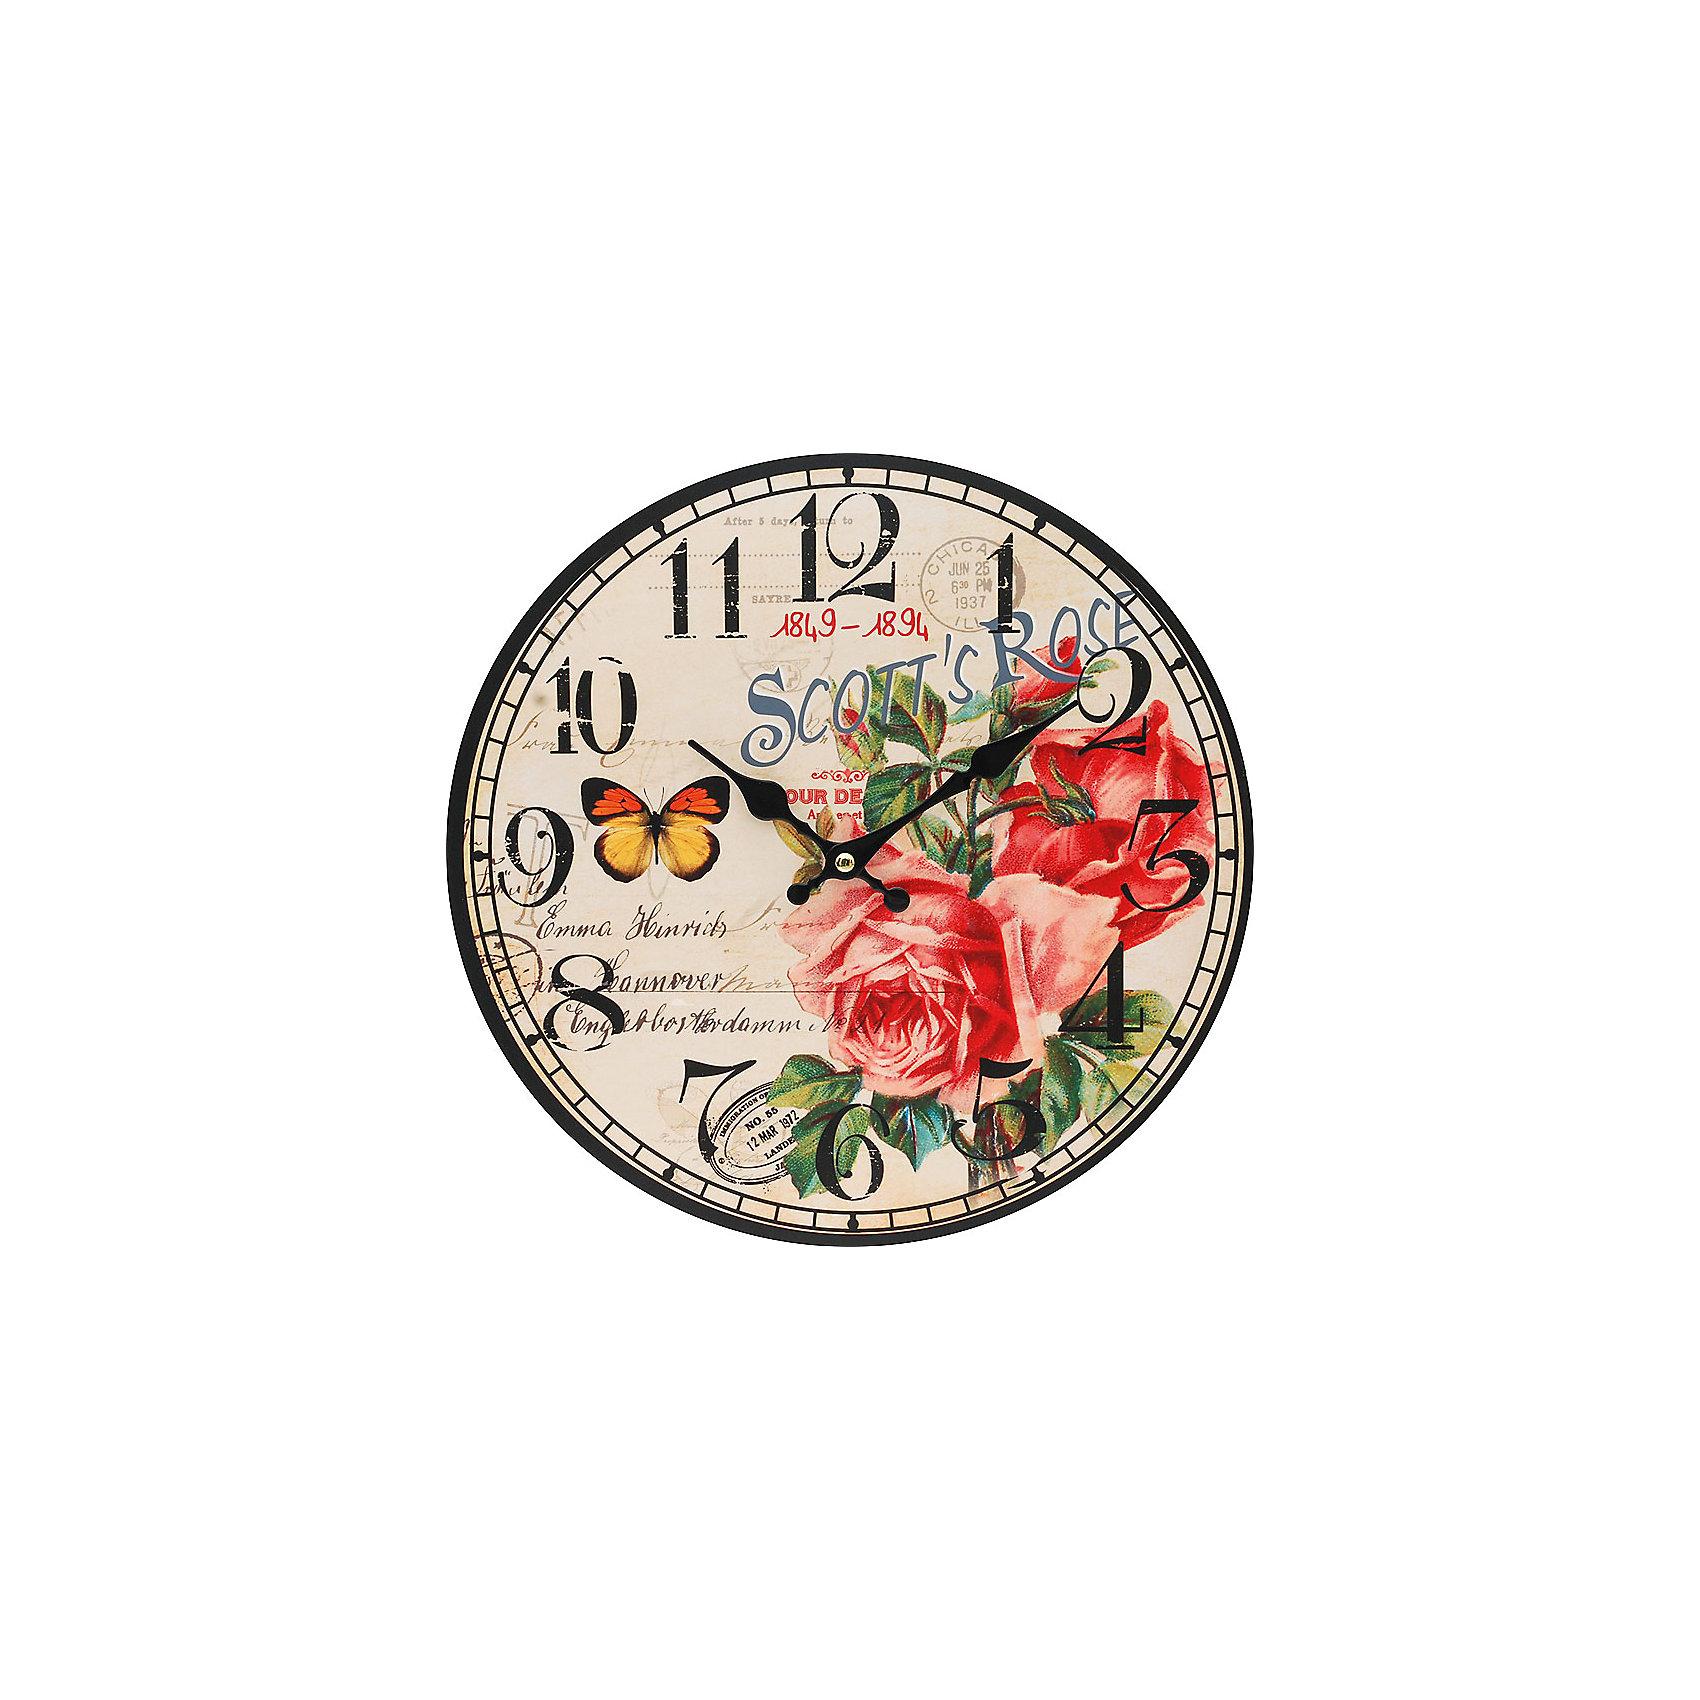 Часы настенные Розовый куст, диаметр 34 смЧасы настенные Розовый куст, диаметр 34 см.<br><br>Характеристики:<br><br>- Диаметр: 34 см.<br>- Две стрелки часовая и минутная<br>- Батарейка: 1 типа АА (в комплект не входит)<br>- Основные цвета: антрацитовый, бледно-розовый, темно-красный<br>- Упаковка картонная коробка<br><br>Кварцевые настенные часы с механизмом плавного хода помимо своего прямого назначения – показывать точное время – станут важным элементом декора Вашего дома, квартиры или офиса. Открытый циферблат часов выполнен из листа оргалита с декоративным покрытием, оформлен изображением цветочной композиции и бабочки. Часовая и минутная стрелки металлические. Часовой механизм закрыт пластиковым корпусом. Часы будут ярким акцентом в интерьере и создадут дополнительный уют и хорошее настроение.<br><br>Часы настенные Розовый куст, диаметр 34 см можно купить в нашем интернет-магазине.<br><br>Ширина мм: 345<br>Глубина мм: 340<br>Высота мм: 45<br>Вес г: 2500<br>Возраст от месяцев: 72<br>Возраст до месяцев: 144<br>Пол: Унисекс<br>Возраст: Детский<br>SKU: 5089833